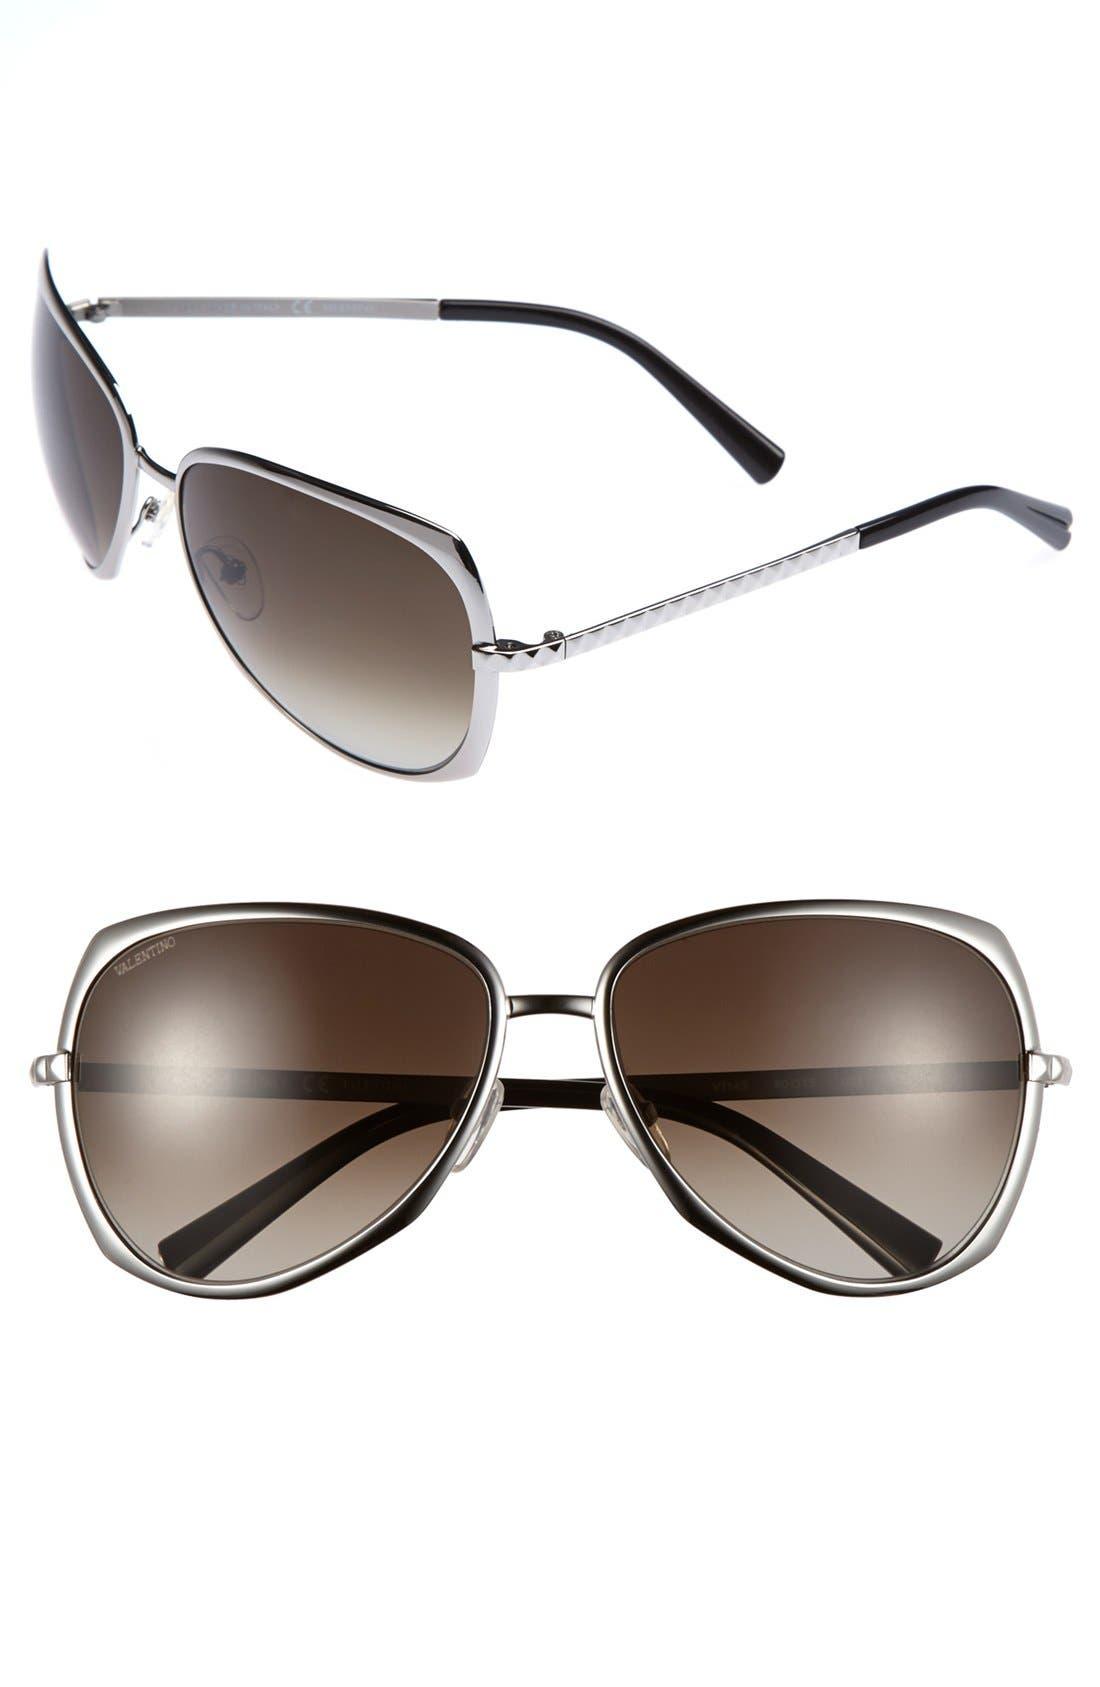 Main Image - Valentino 60mm Cat Eye Sunglasses